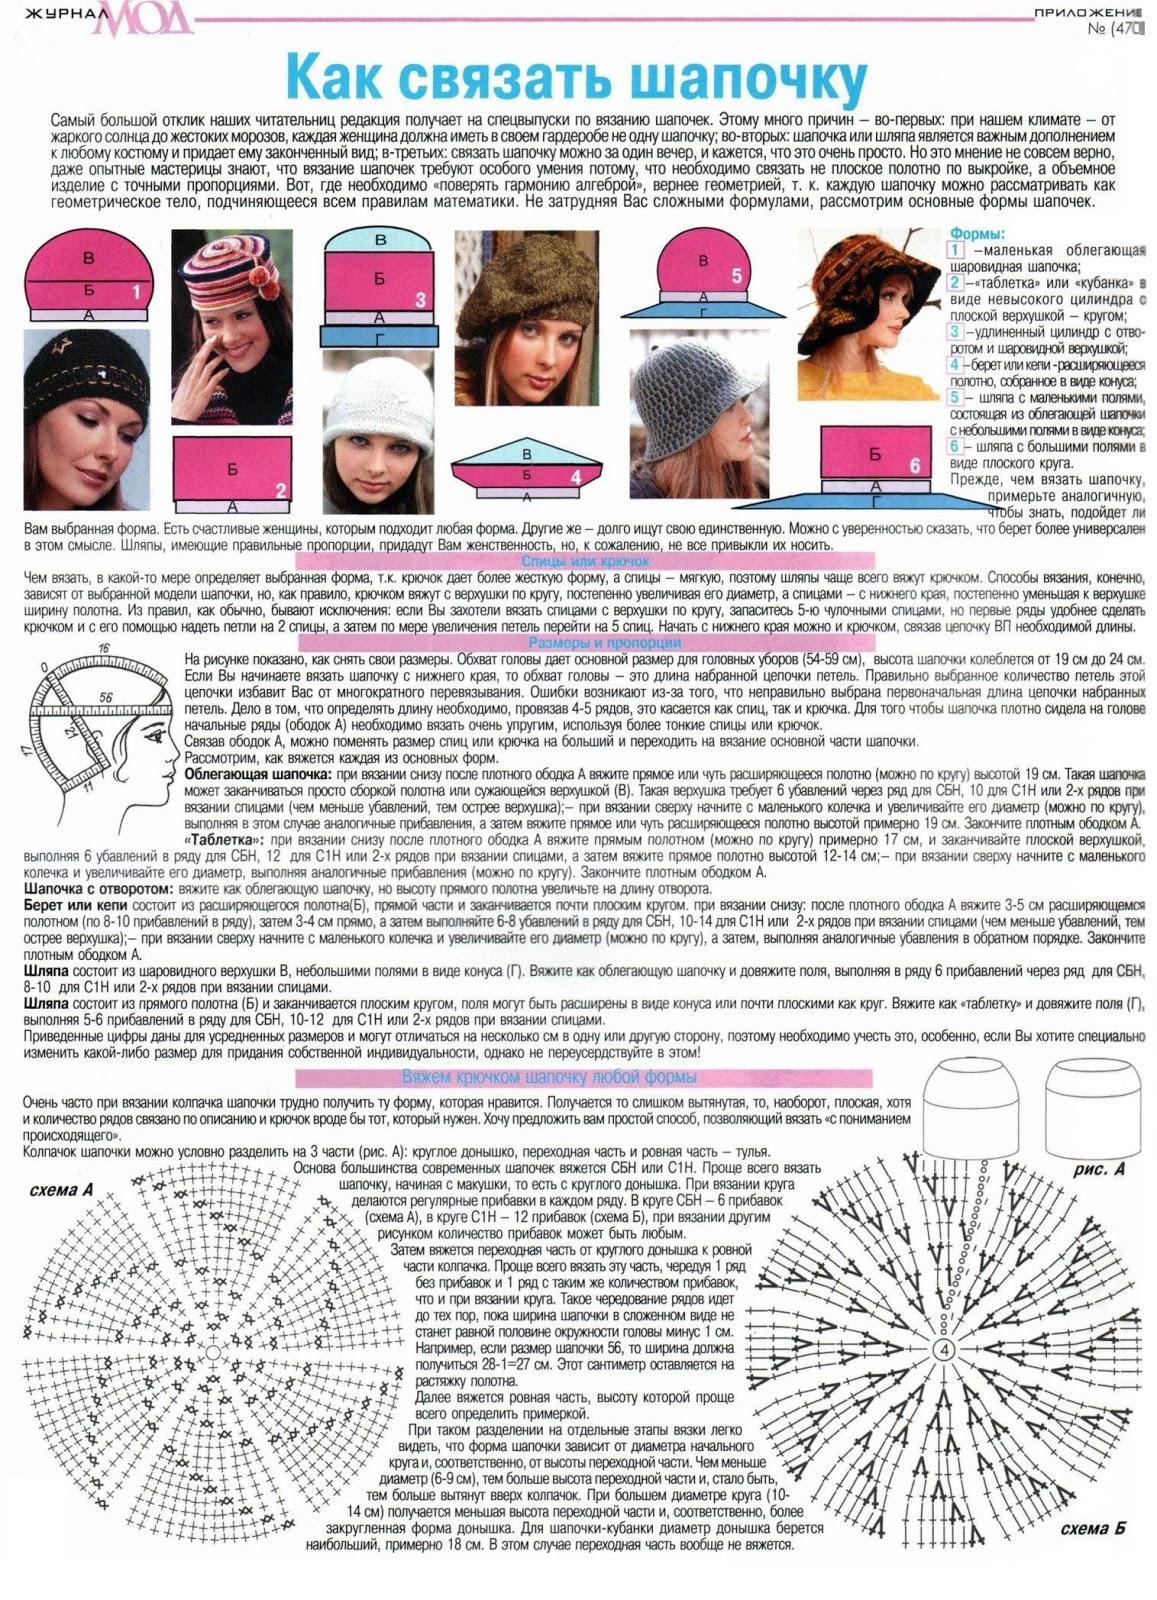 Вязание красивых шапочек для всех крючком и спицами